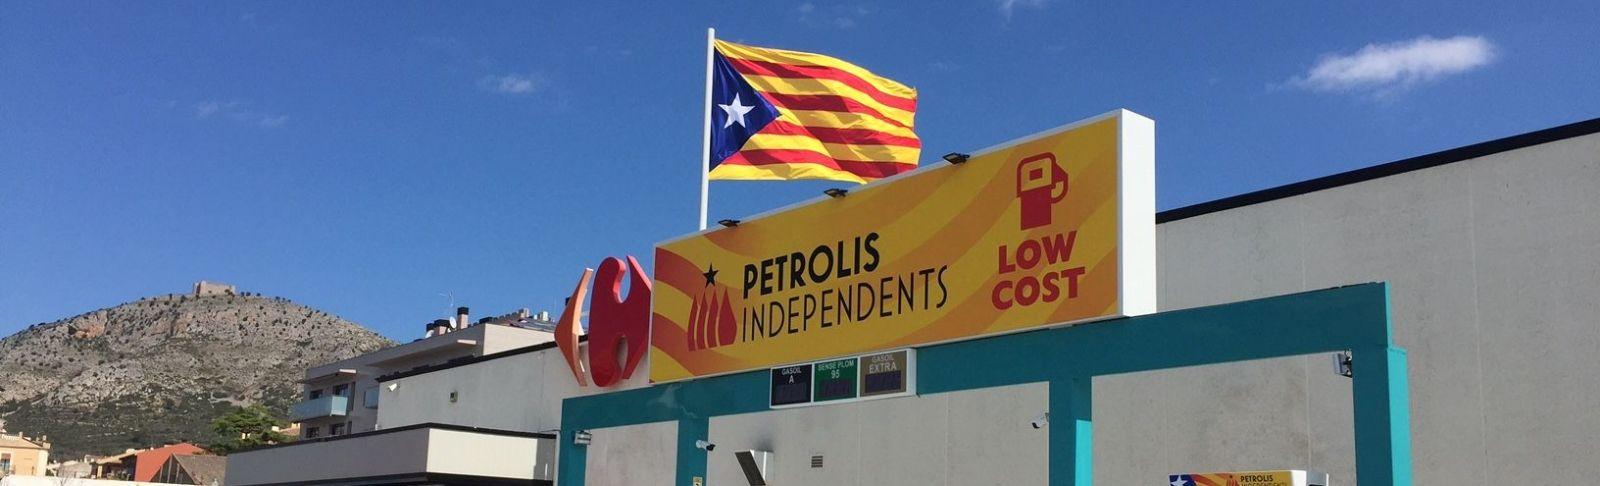 La benzinera de Petrolis Independents a Torroella de Montgrí / Cedida